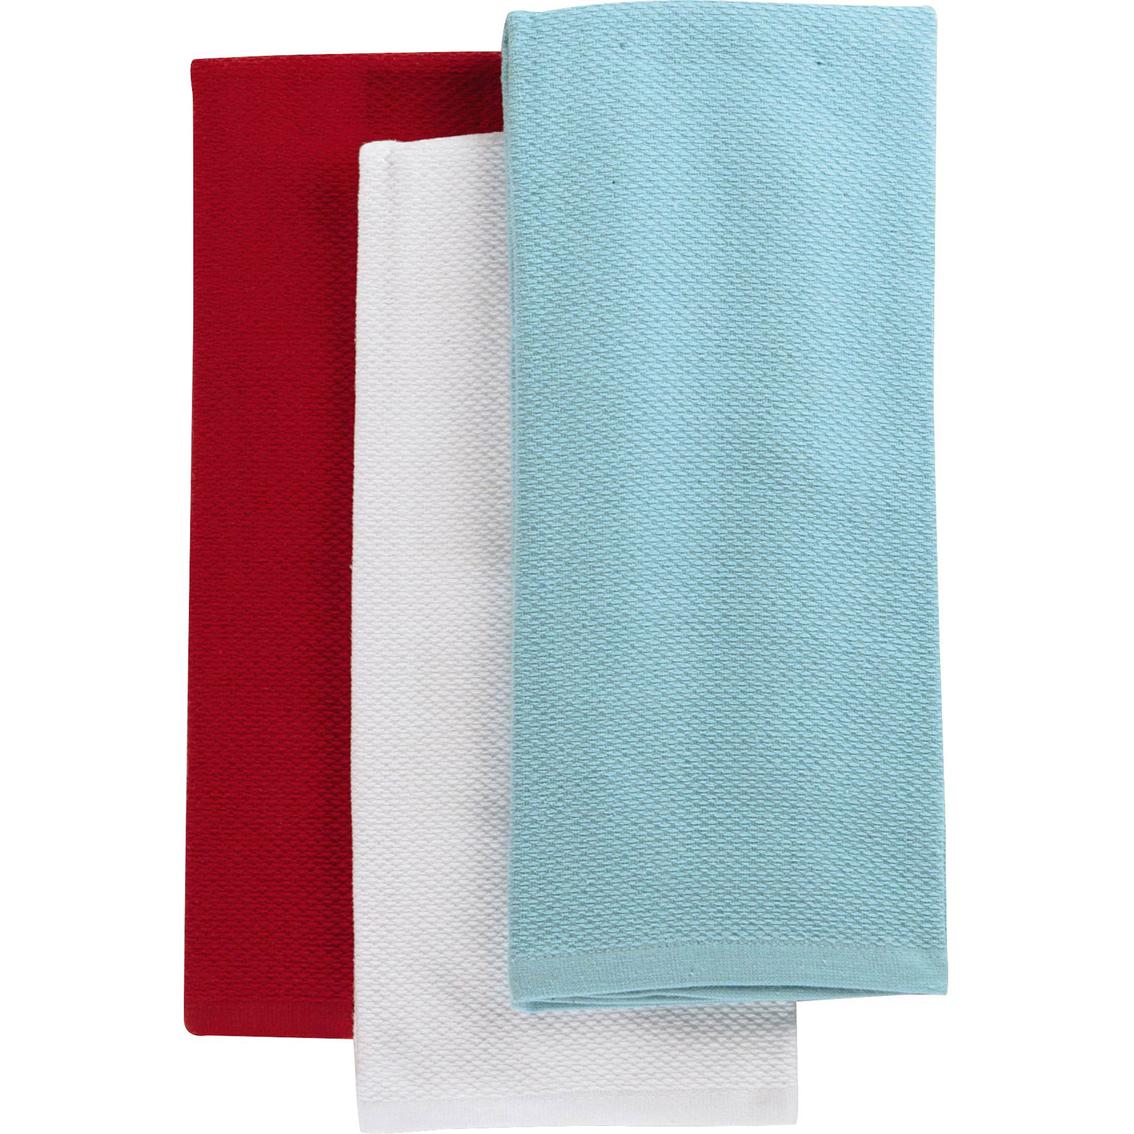 Martha Collection 3 Pc Pique Kitchen Towel Set